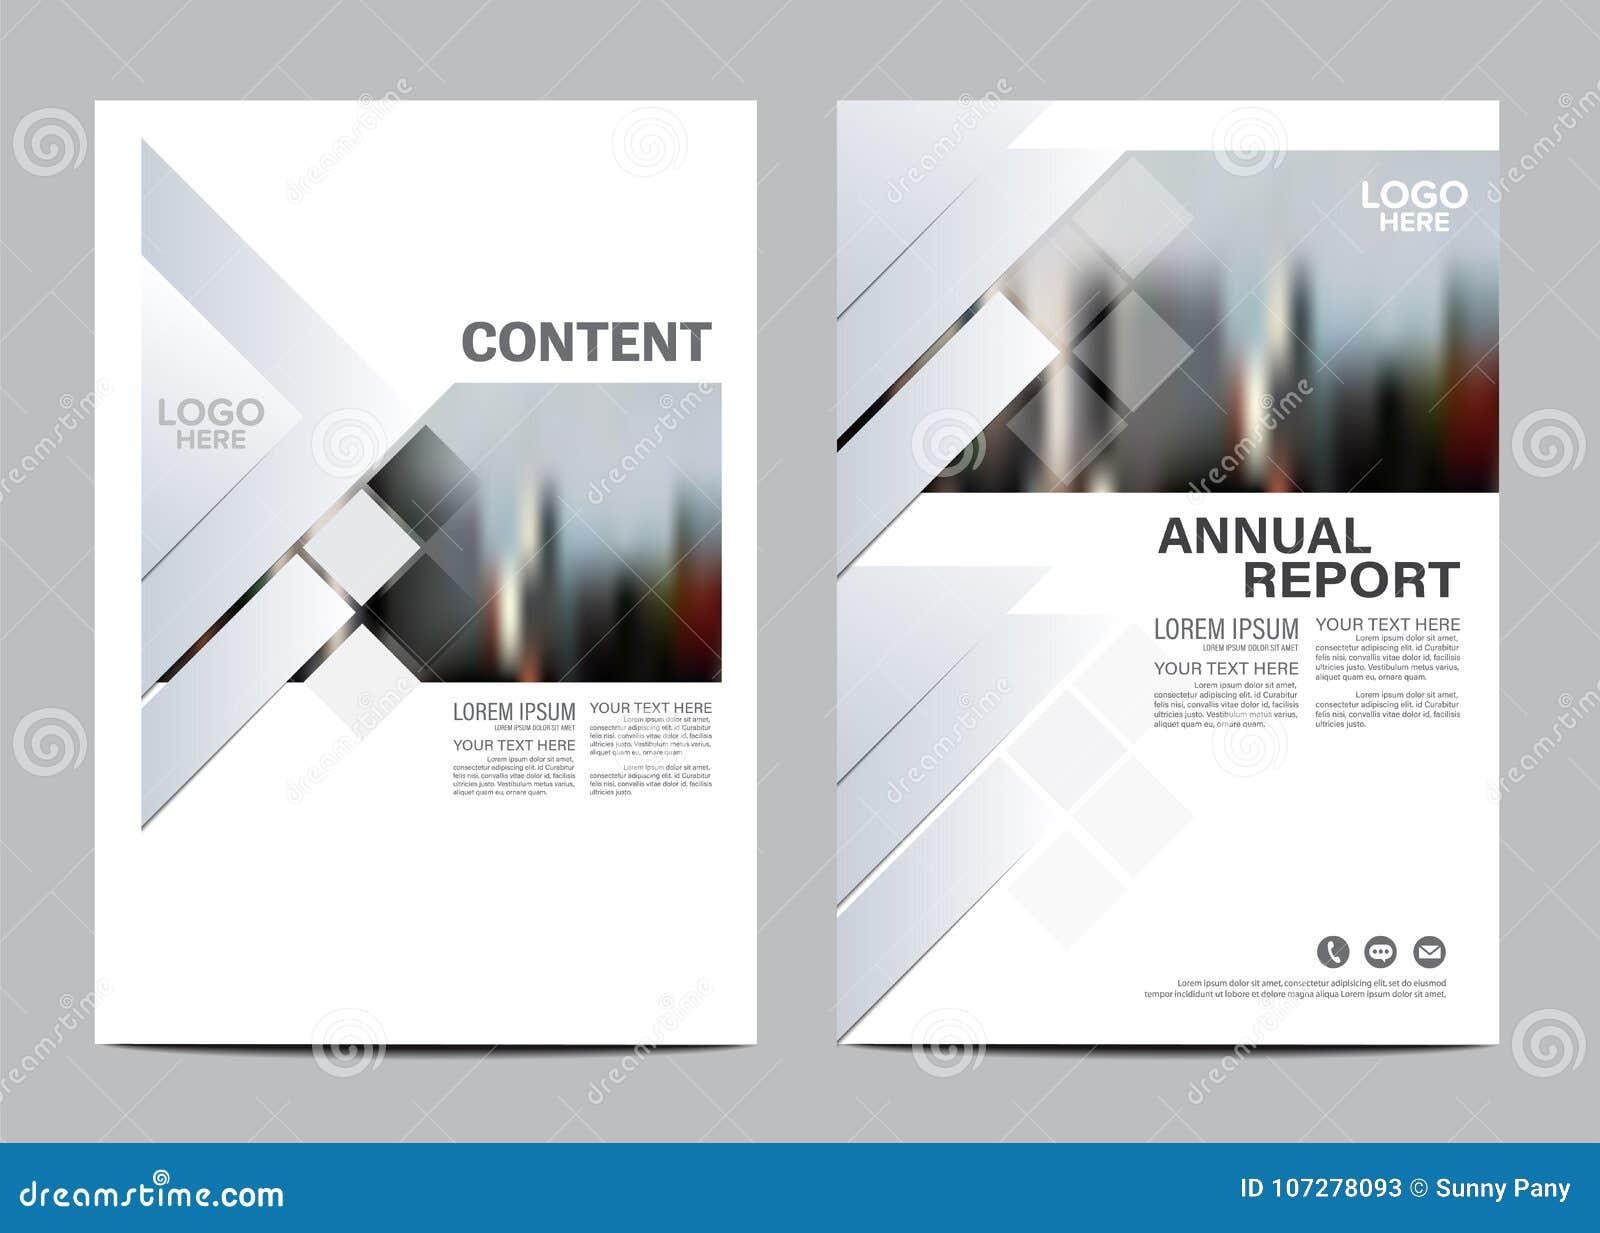 Molde preto e branco do projeto da disposição do folheto Fundo moderno da apresentação da tampa do folheto do inseto do informe a